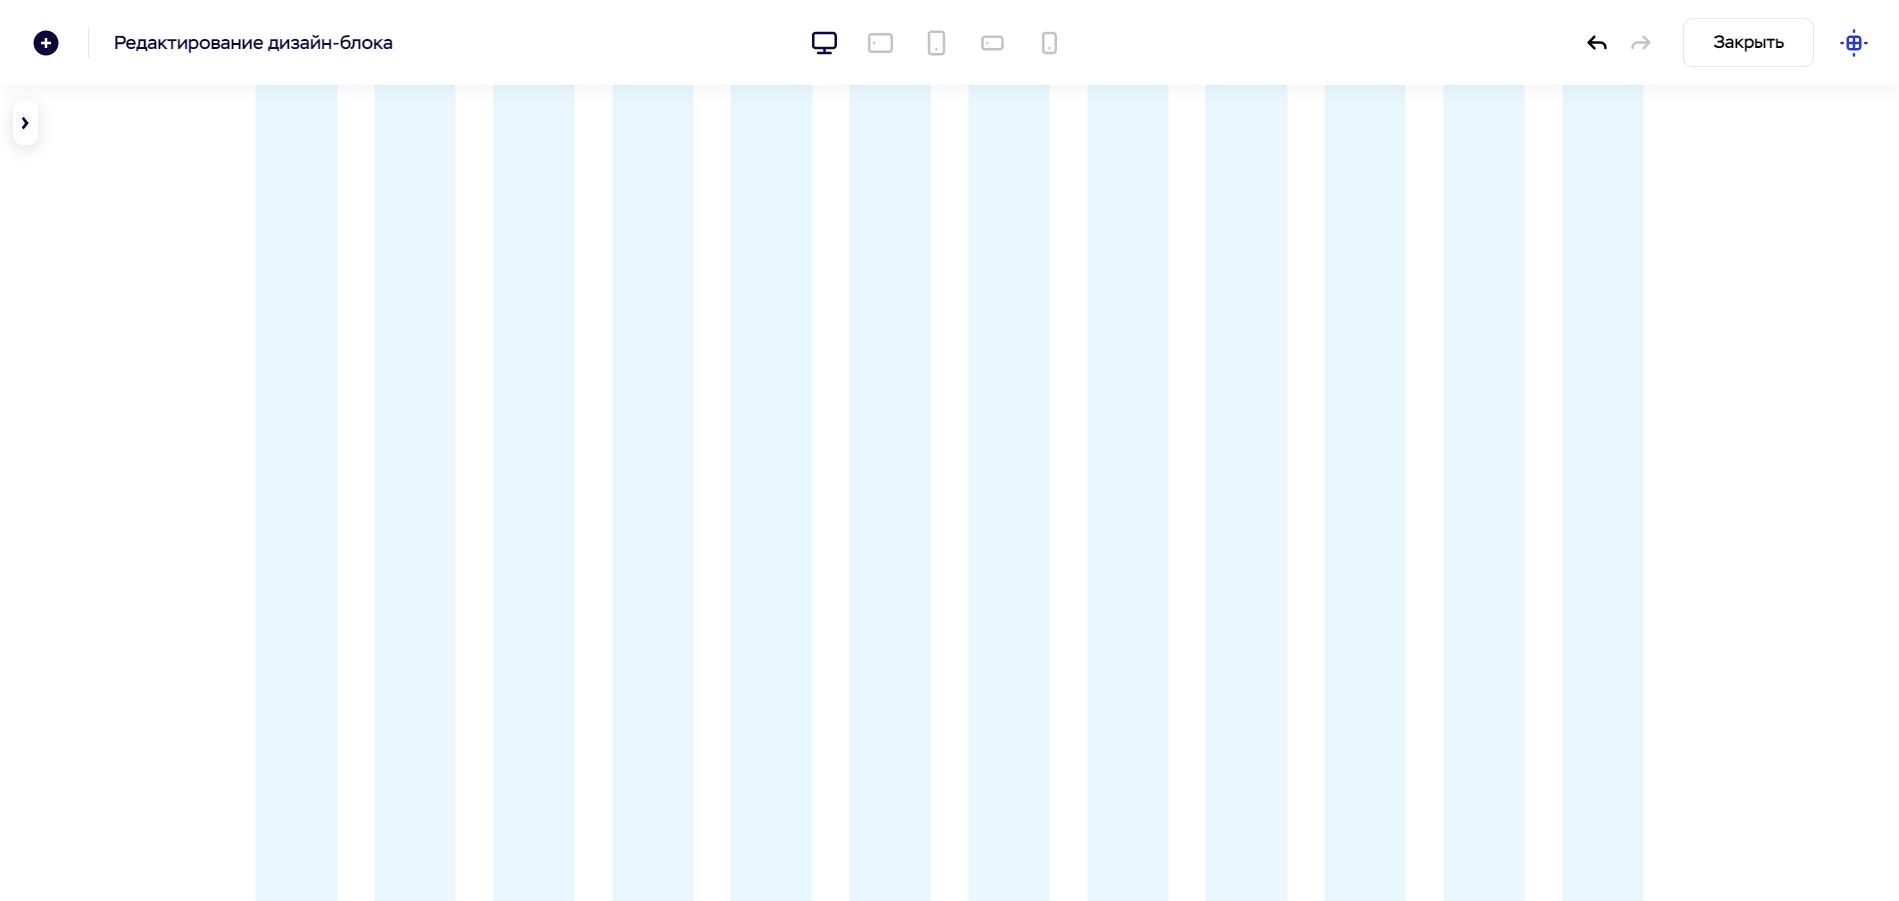 Создание сайта в дизайн-блоке Craftum